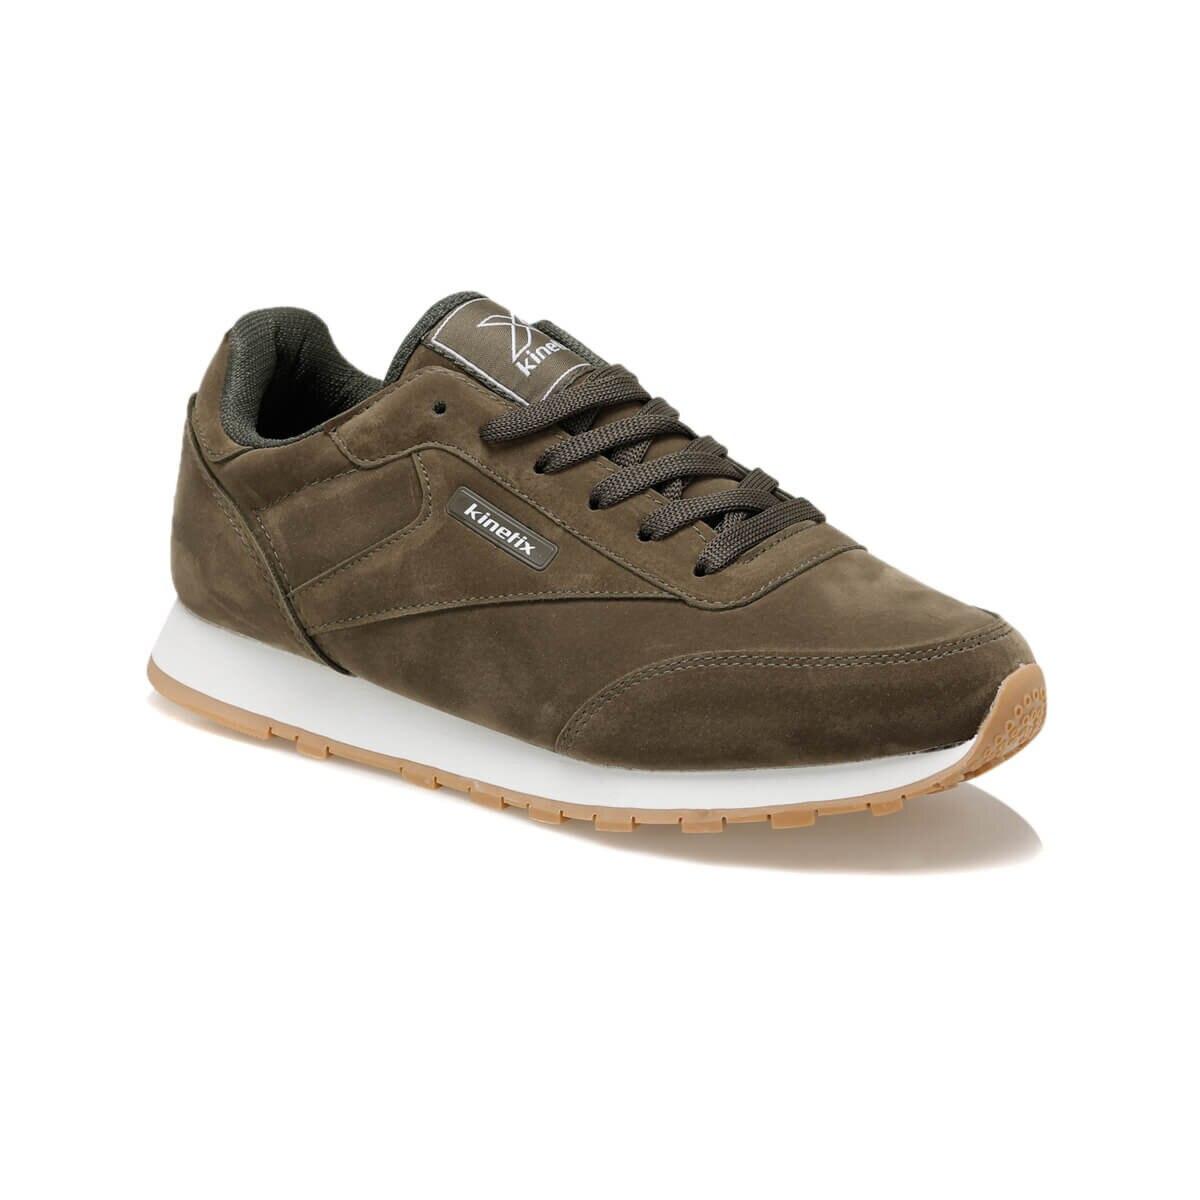 FLO LOWER S W 9PR Burgundy Women 'S Sneaker Shoes KINETIX